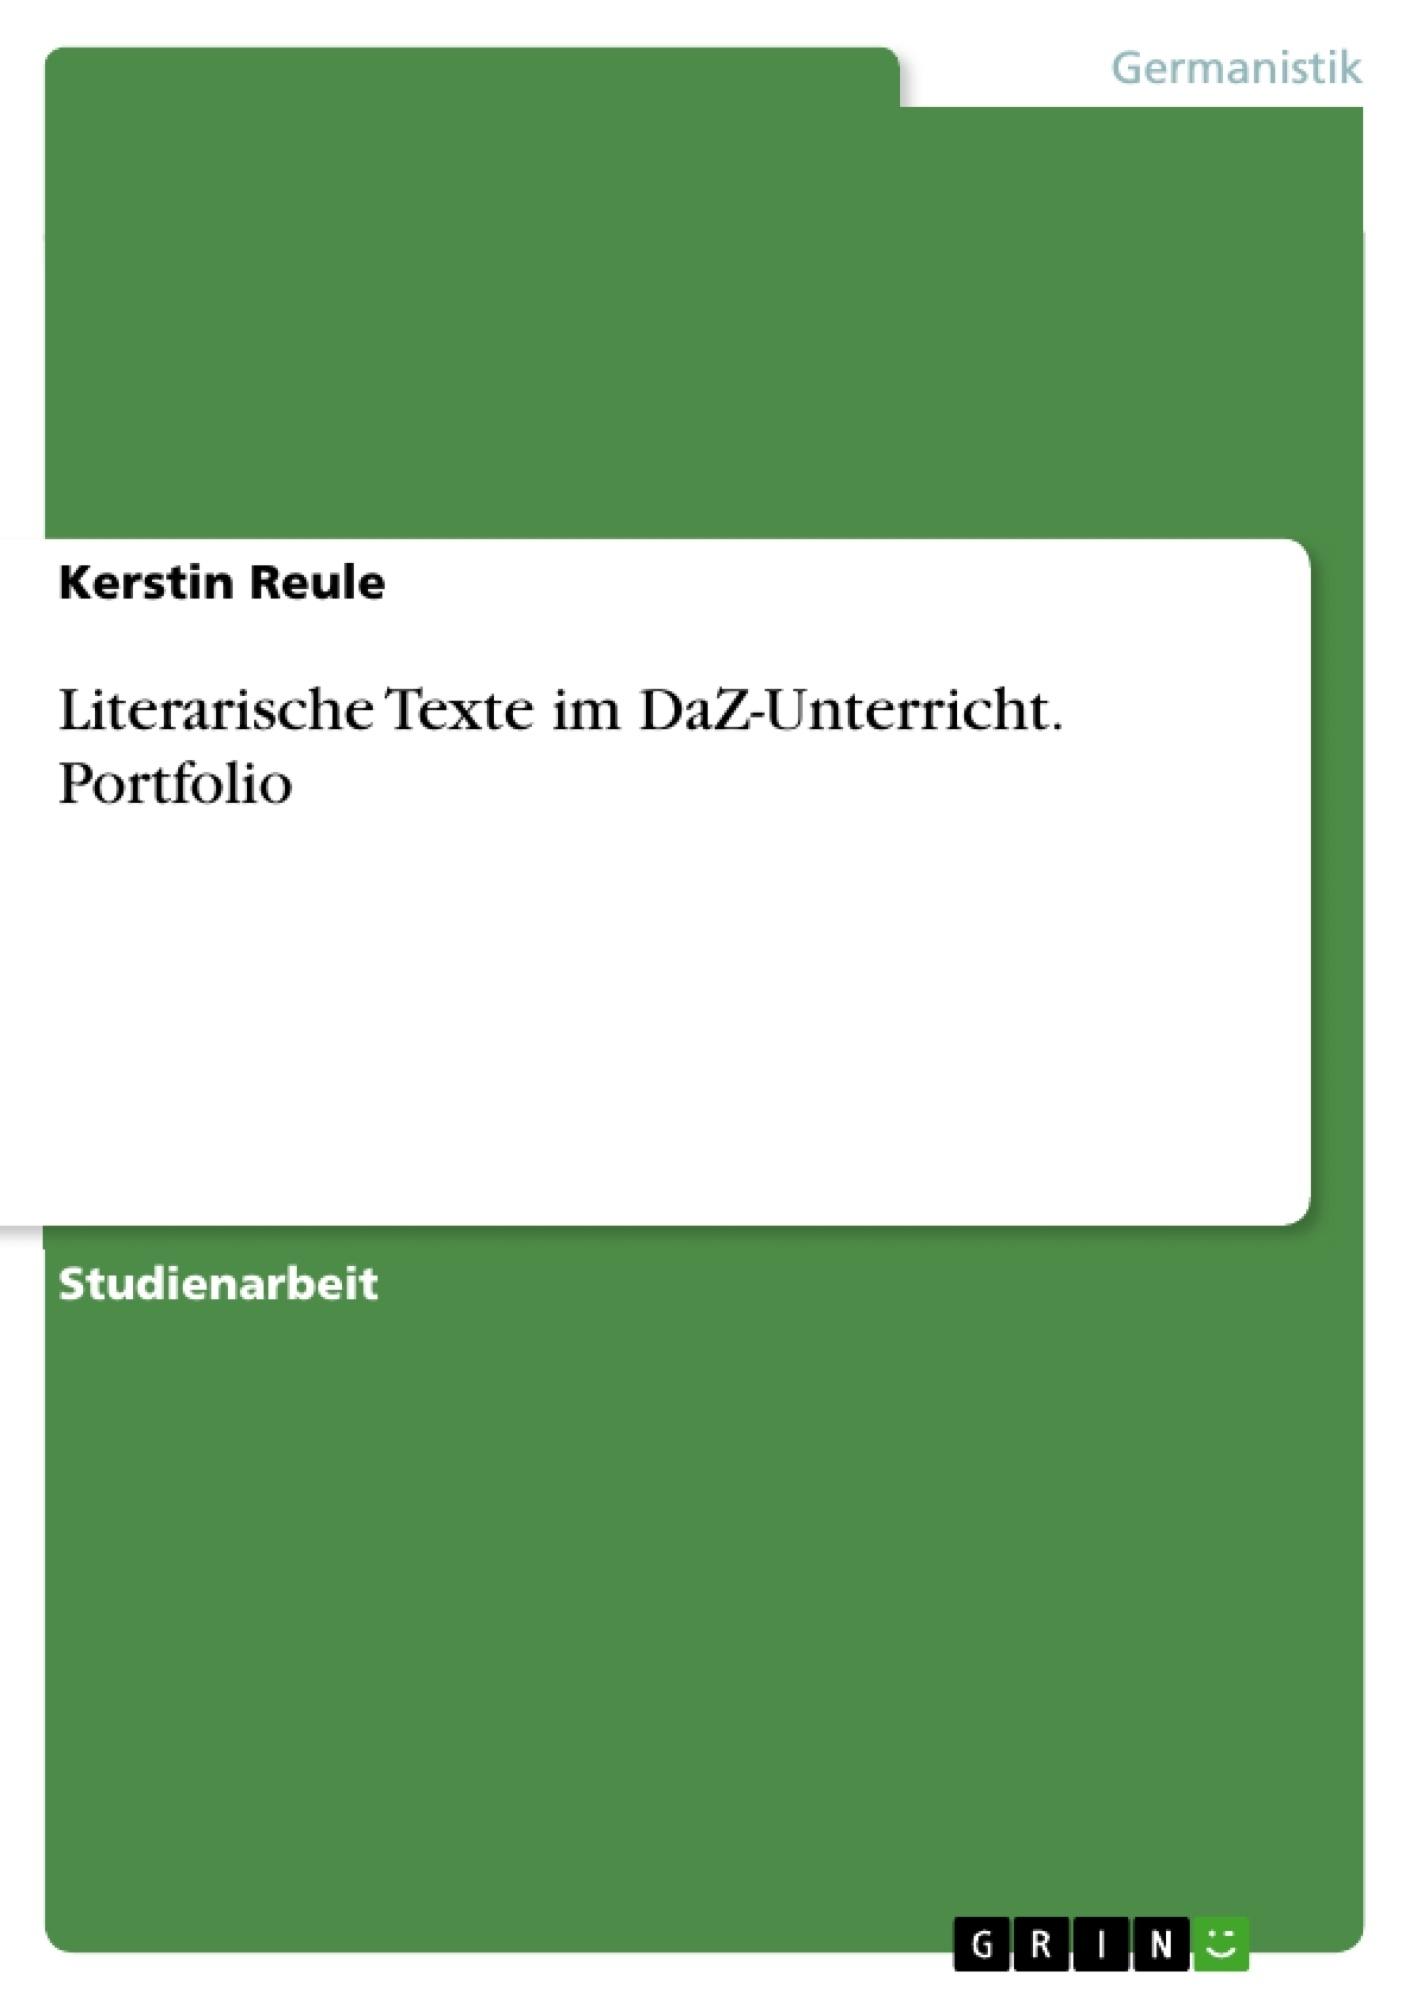 Titel: Literarische Texte im DaZ-Unterricht. Portfolio